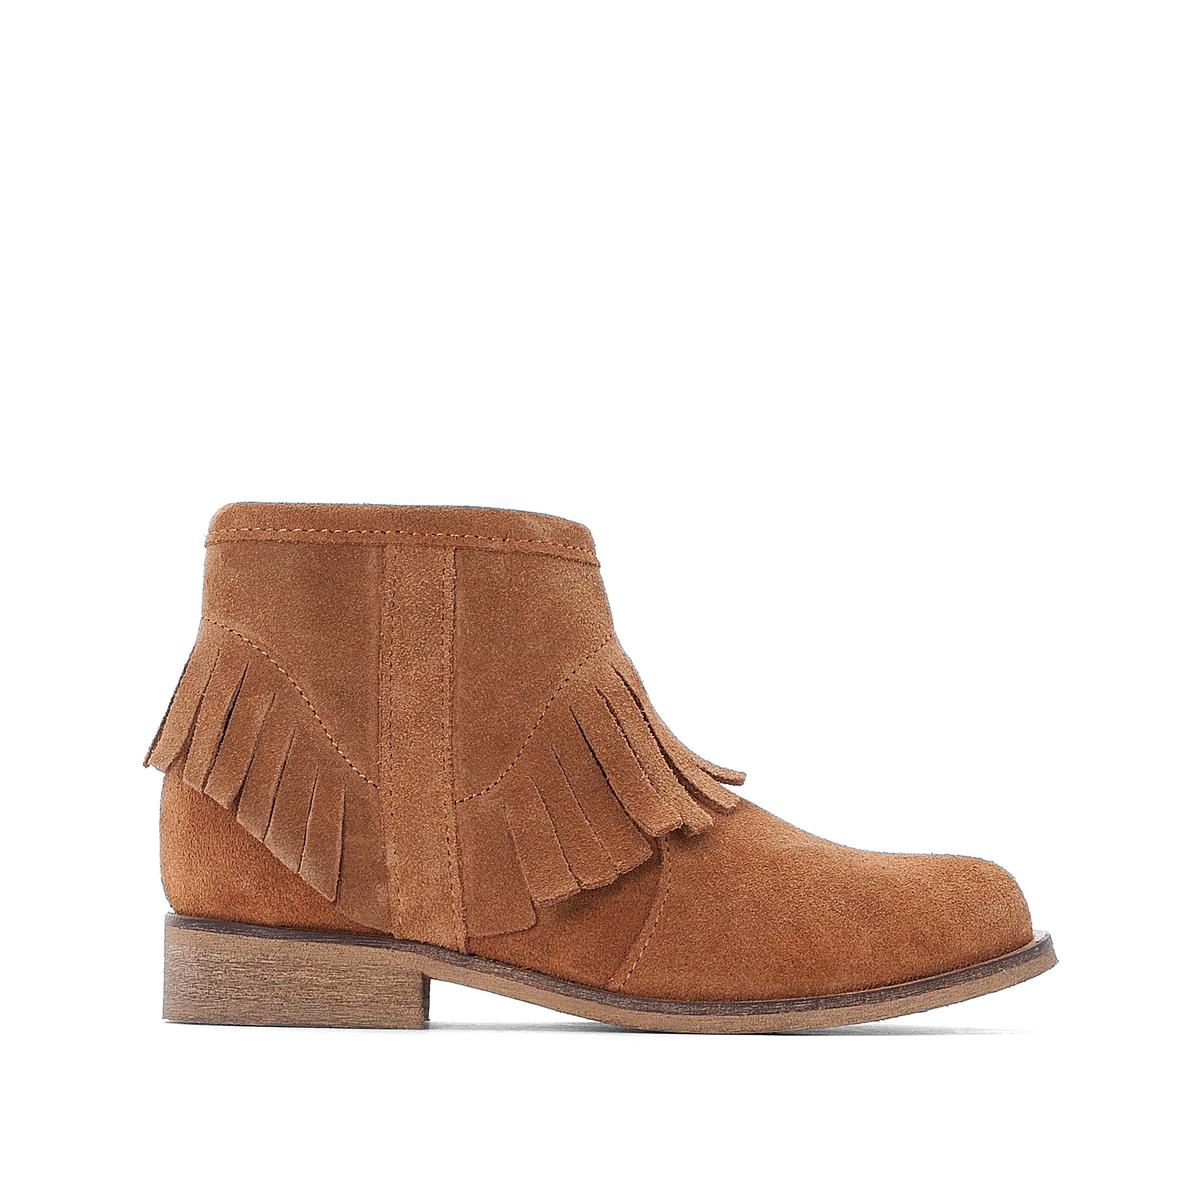 купить Ботинки La Redoute Кожаные с бахромой - 33 каштановый по цене 5099 рублей